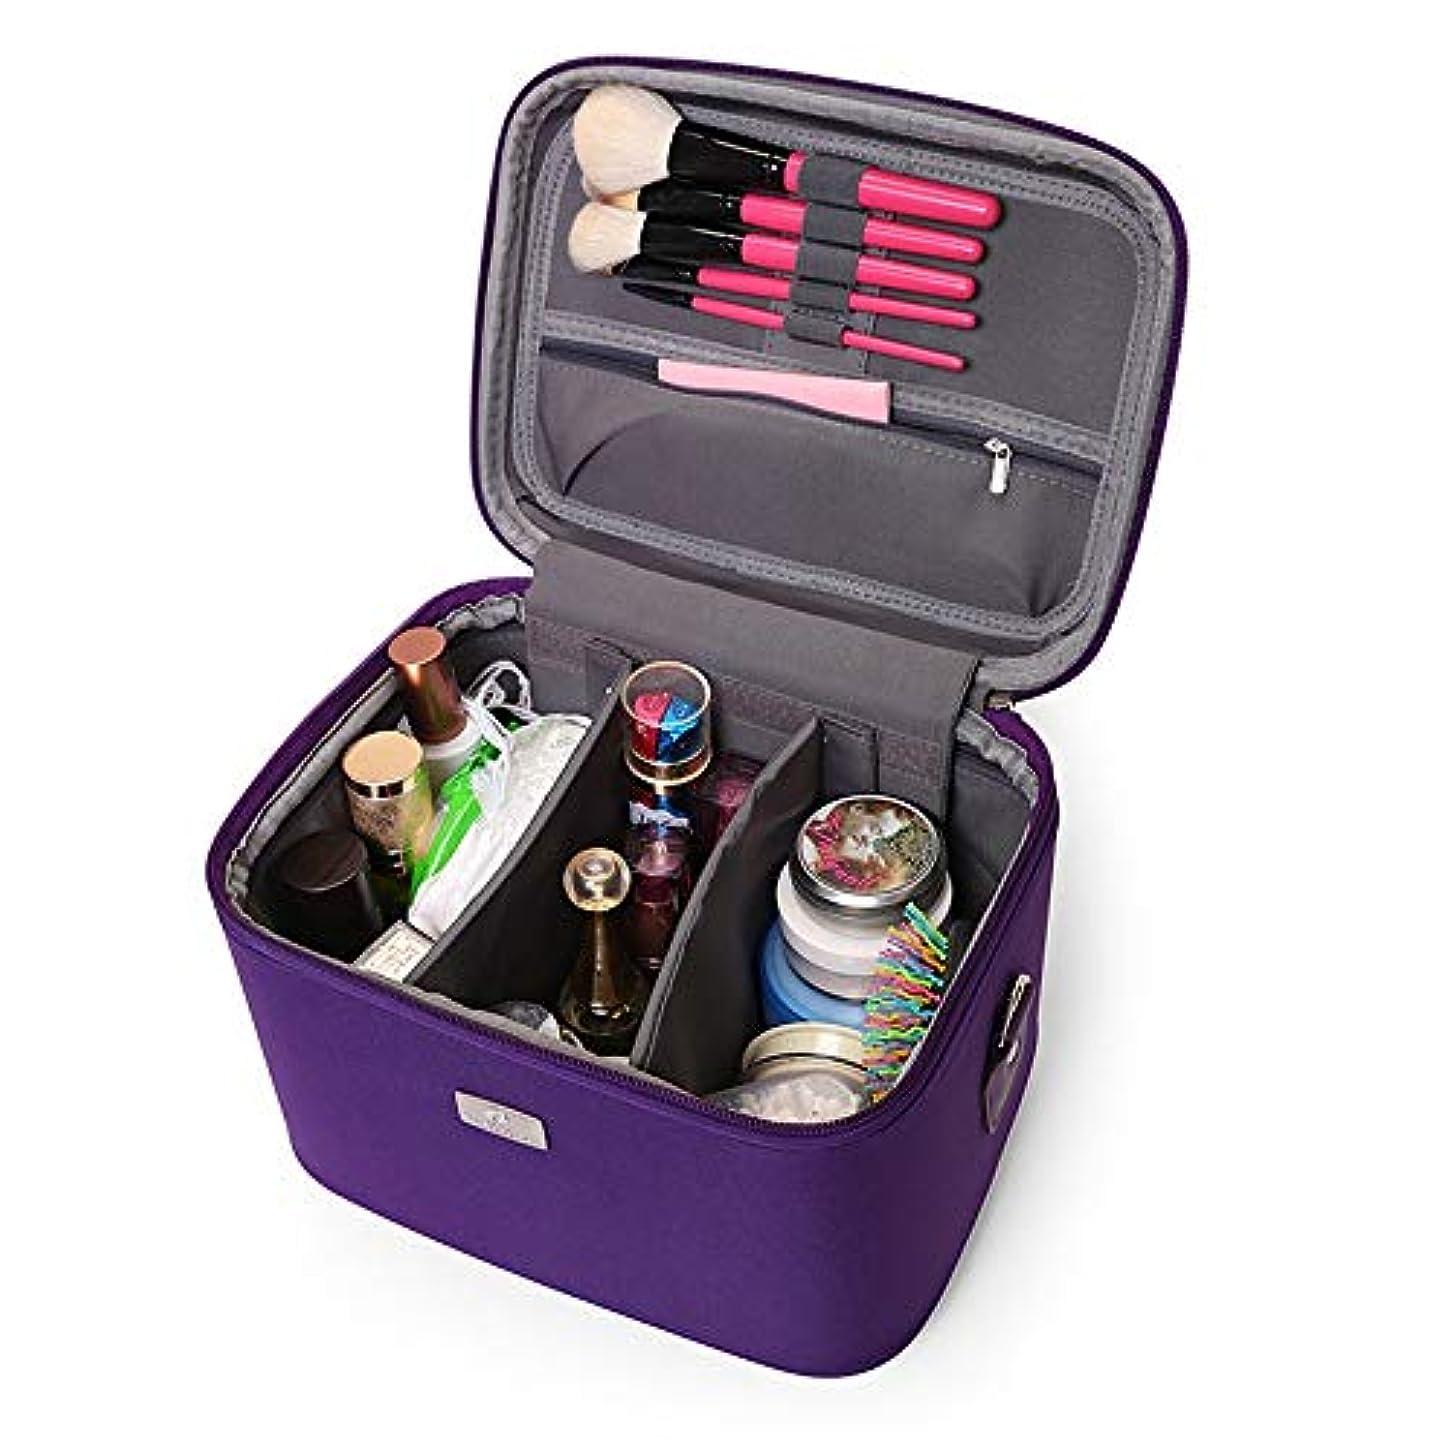 実験バス是正化粧オーガナイザーバッグ 14インチのメイクアップトラベルバッグPUレター防水化粧ケースのティーン女の子の女性アーティスト 化粧品ケース (色 : 紫の)